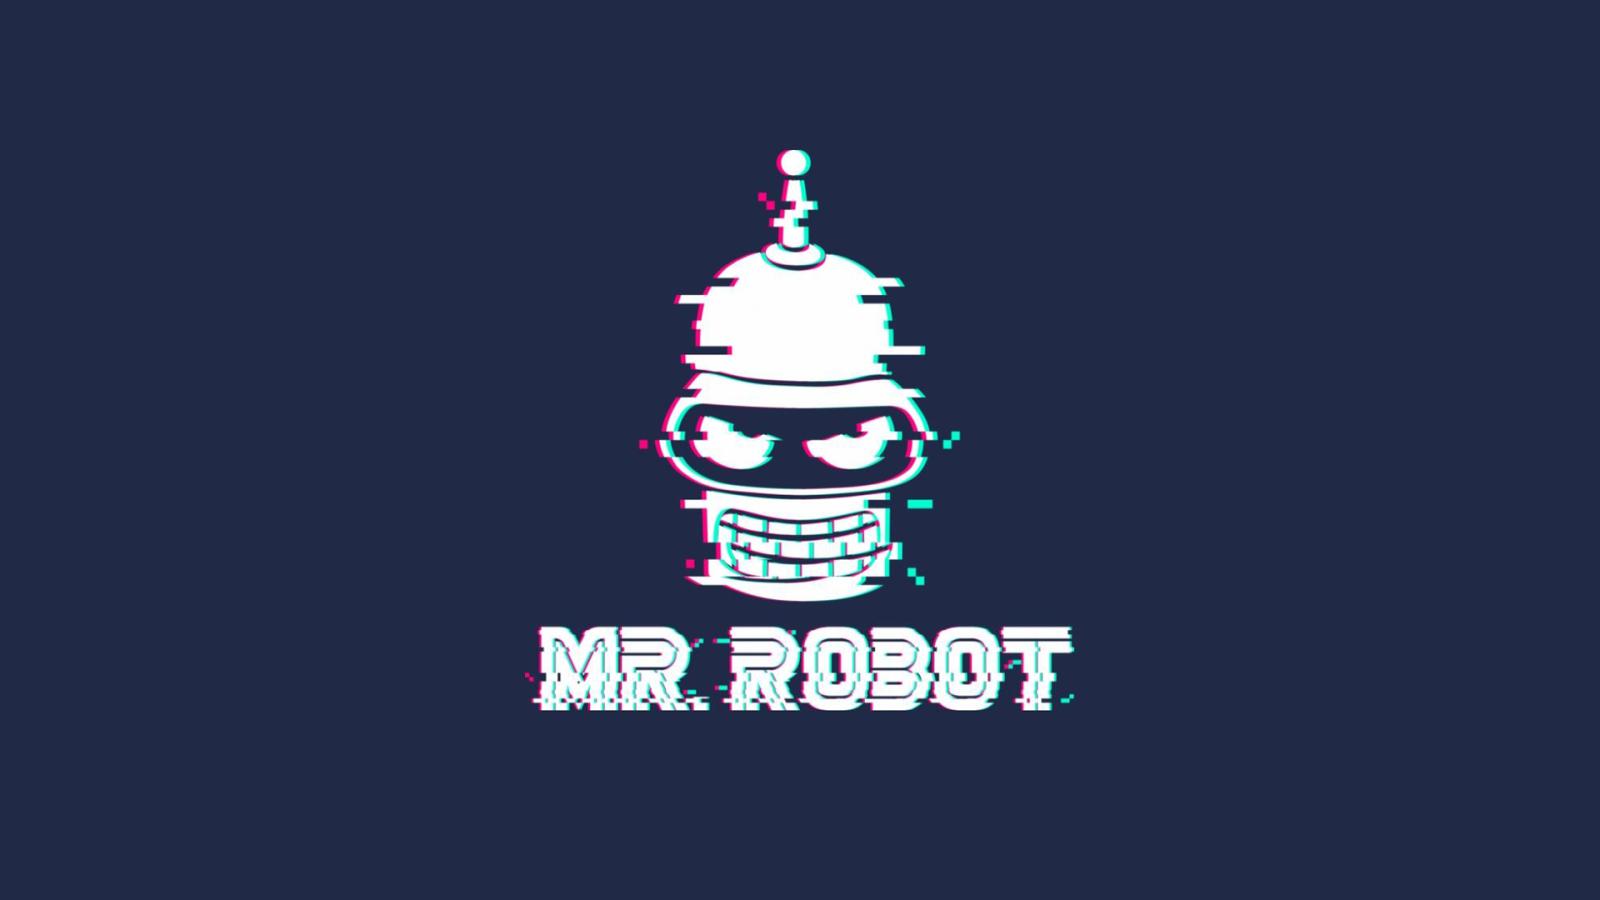 1600x900 Mr Robot 1600x900 Resolution Wallpaper Hd Tv